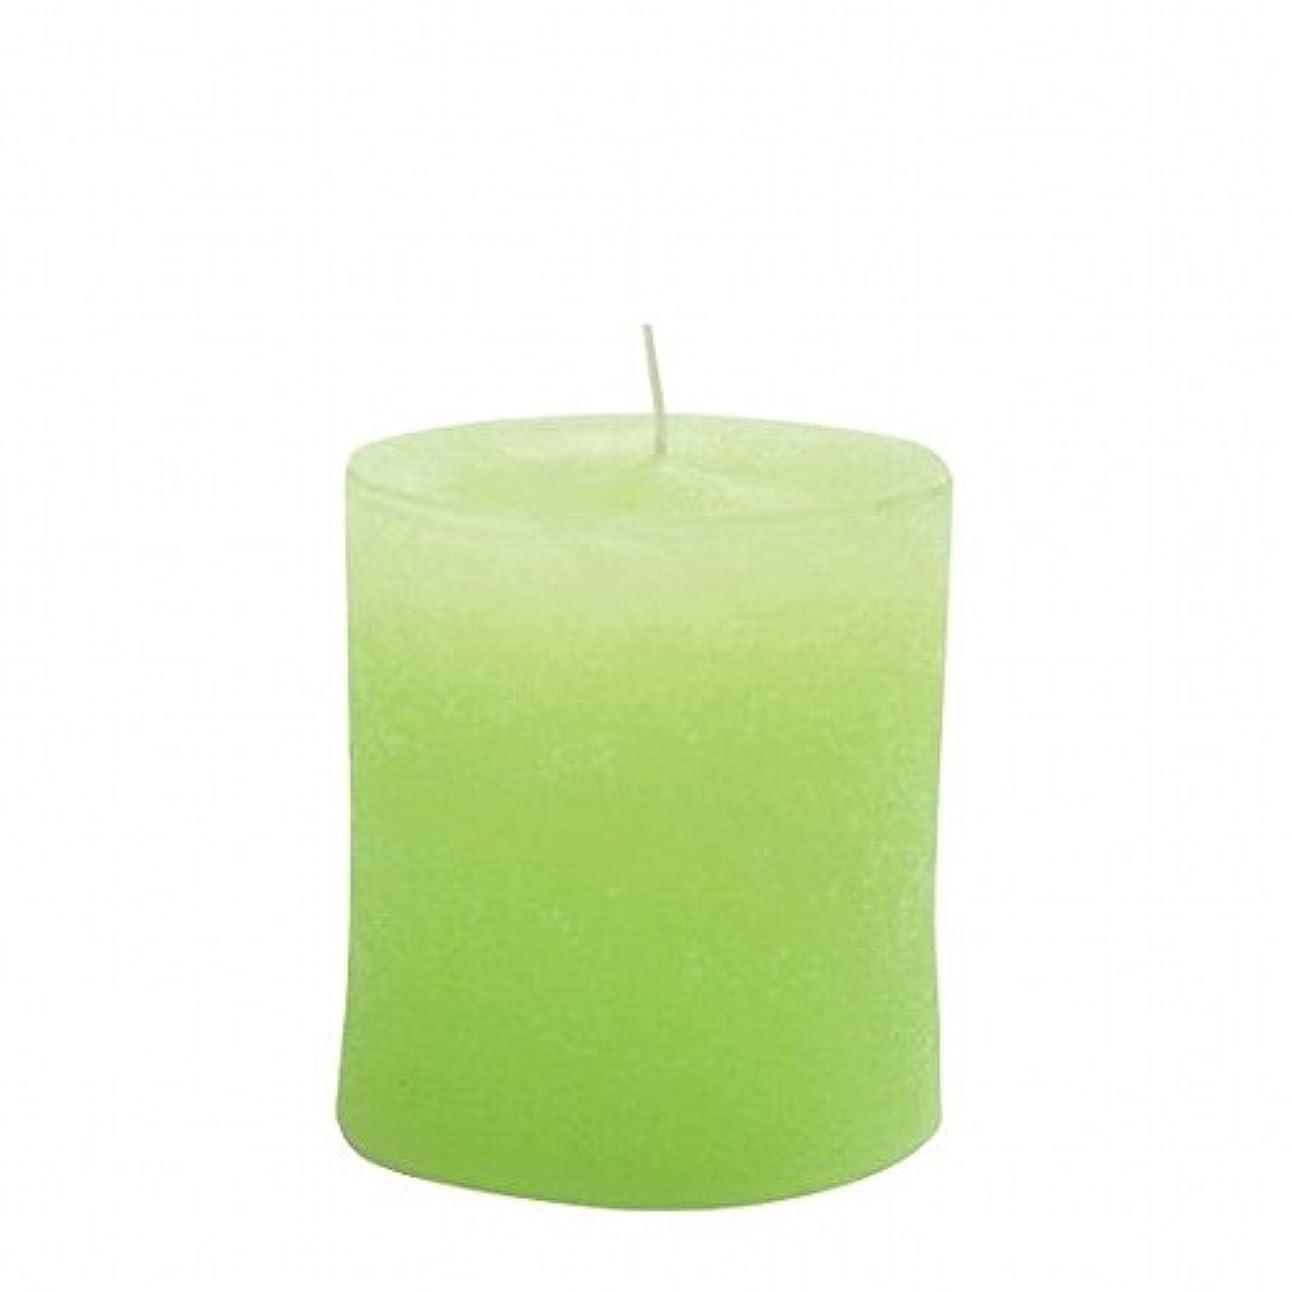 乳白色キロメートル上回るkameyama candle(カメヤマキャンドル) ラスティクピラー70×75 「 ライトグリーン 」(A4930010LG)